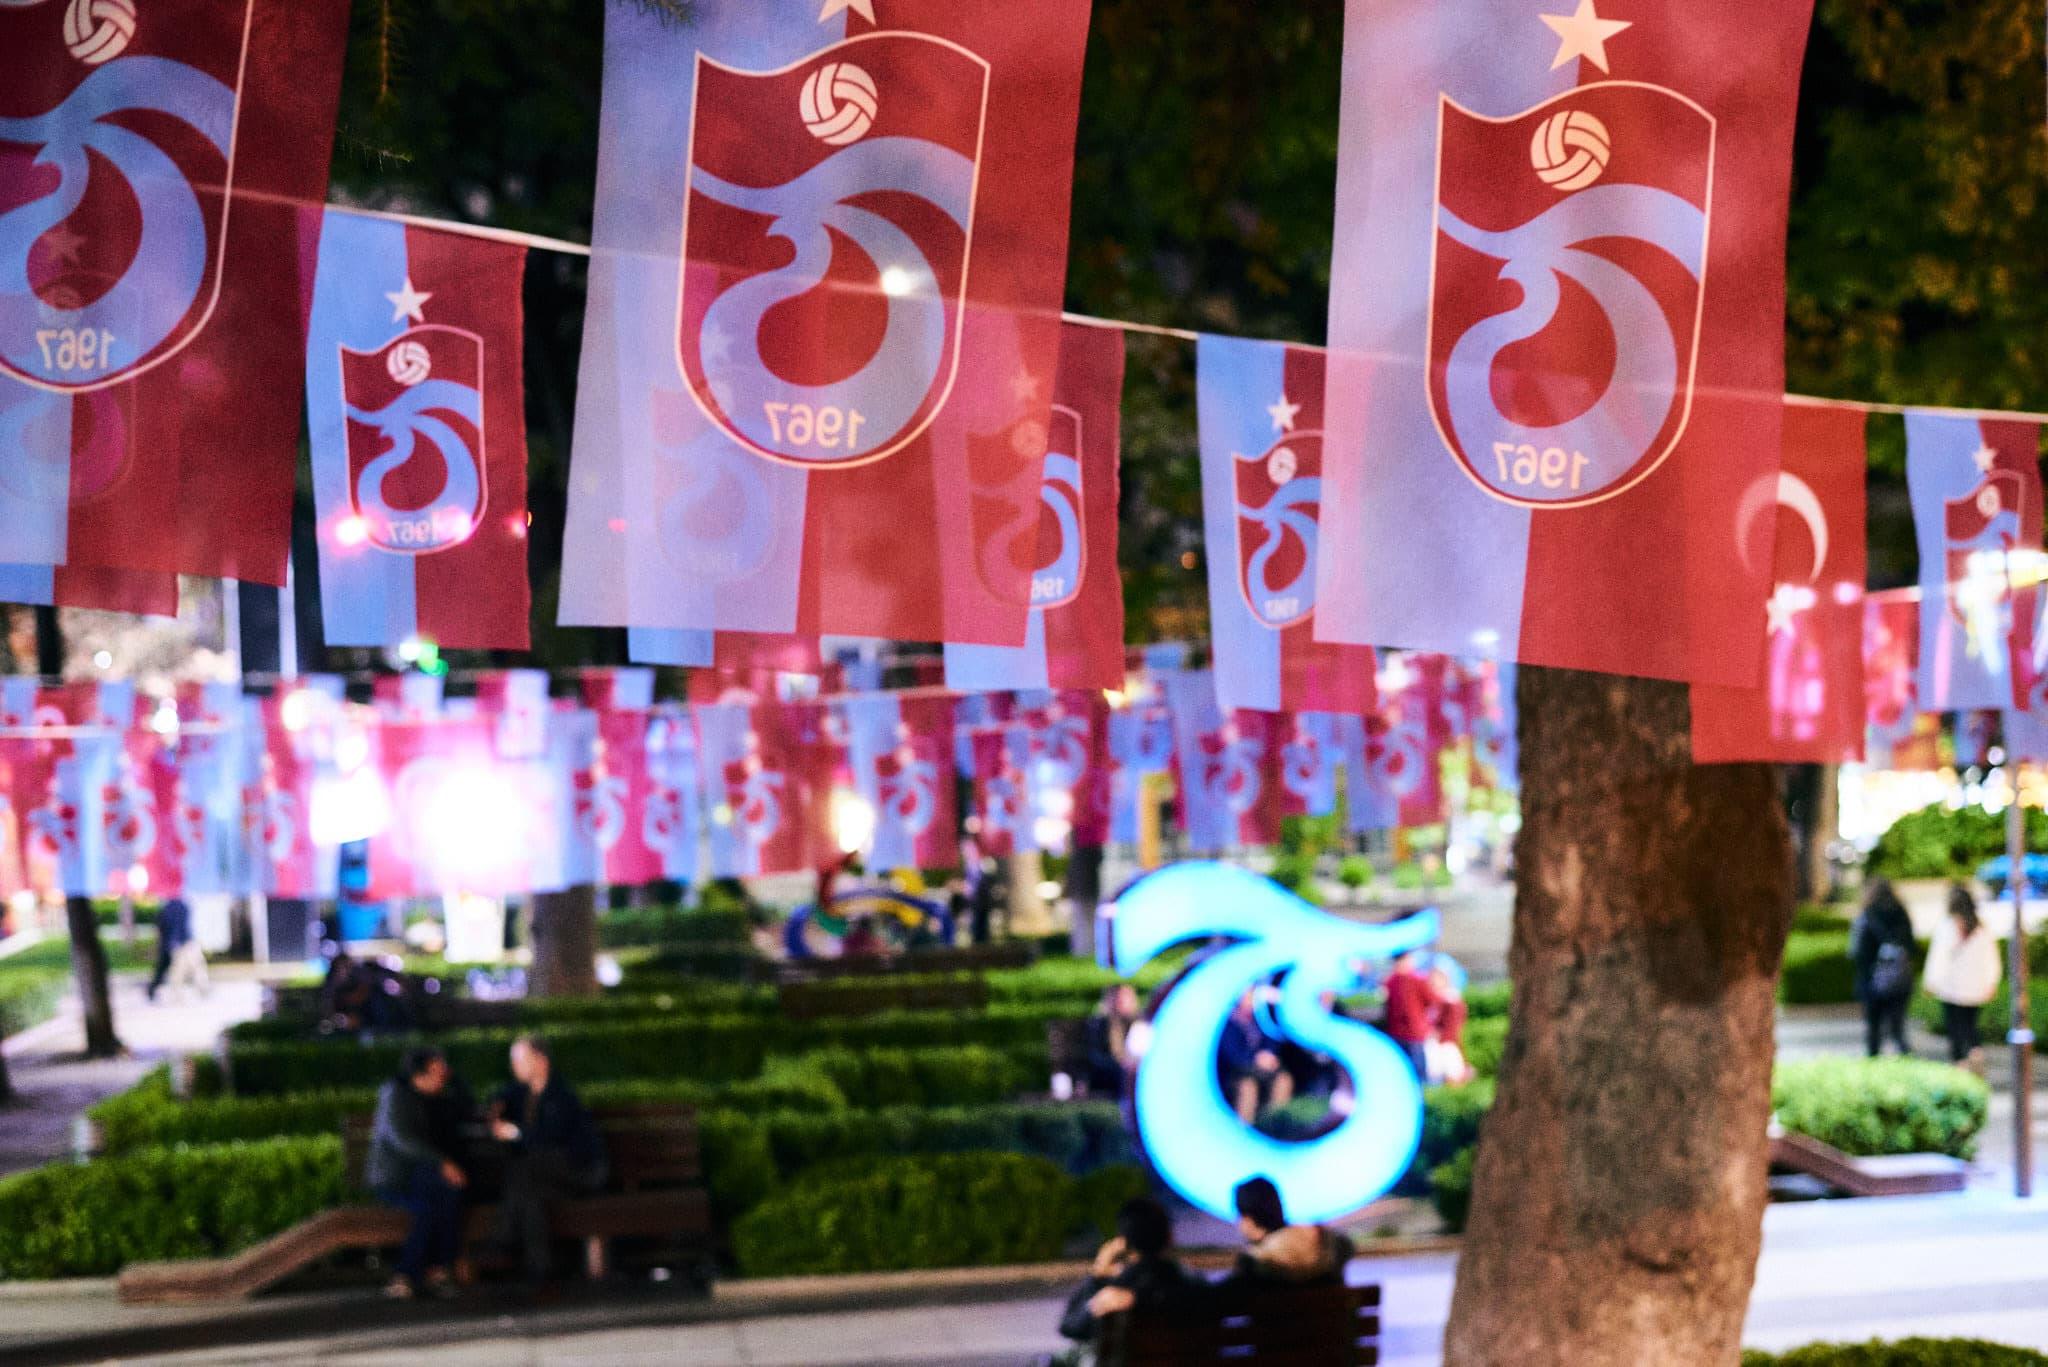 In einem Park in Trabzon hängende Wimpel des örtlichen Fußballvereins